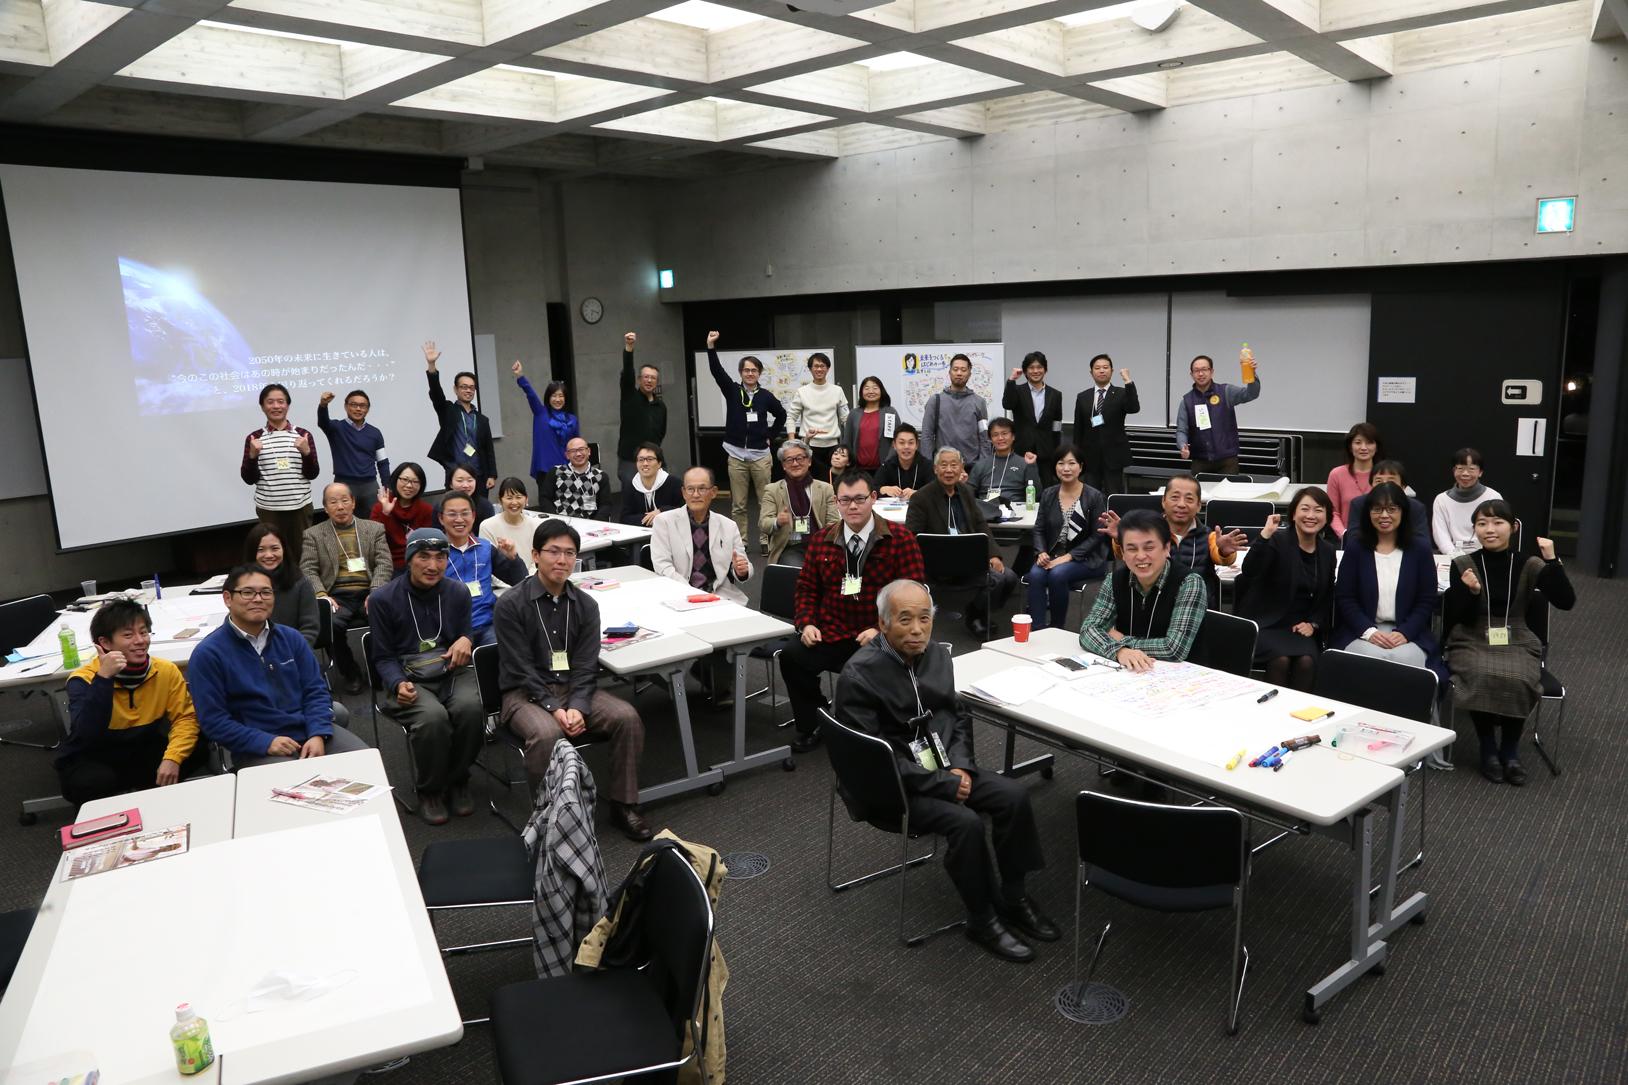 福山未来共創塾:12/8クロージングセッション・プロジェクトレポート